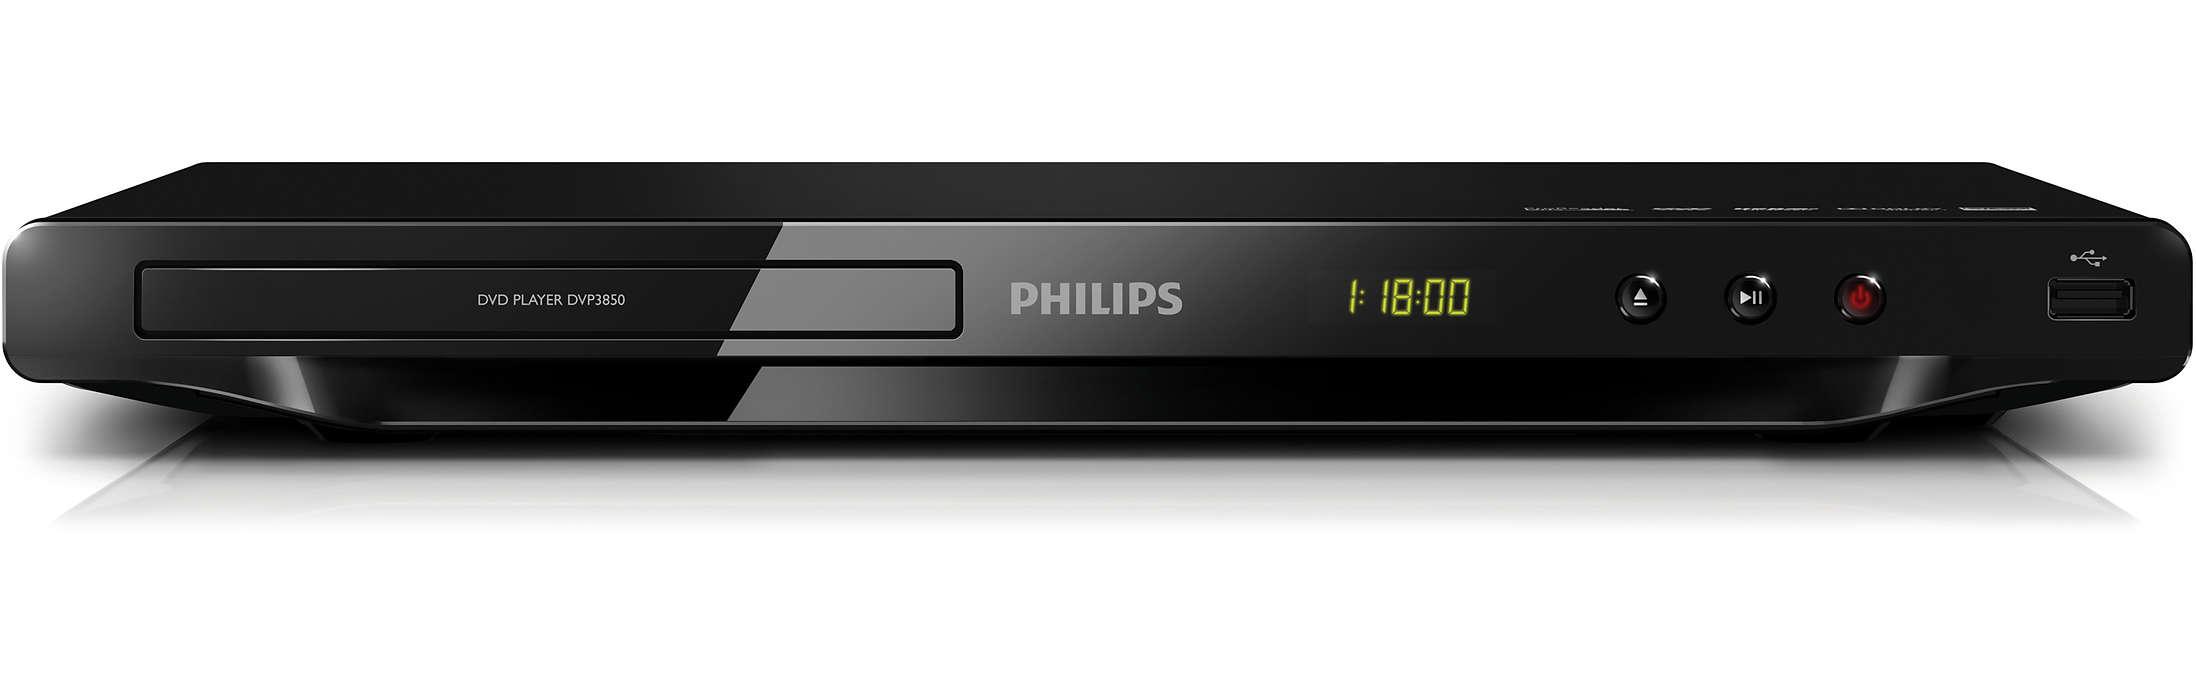 Nauti kaikesta sisällöstä - DVD-levyltä tai USB-liitännän kautta